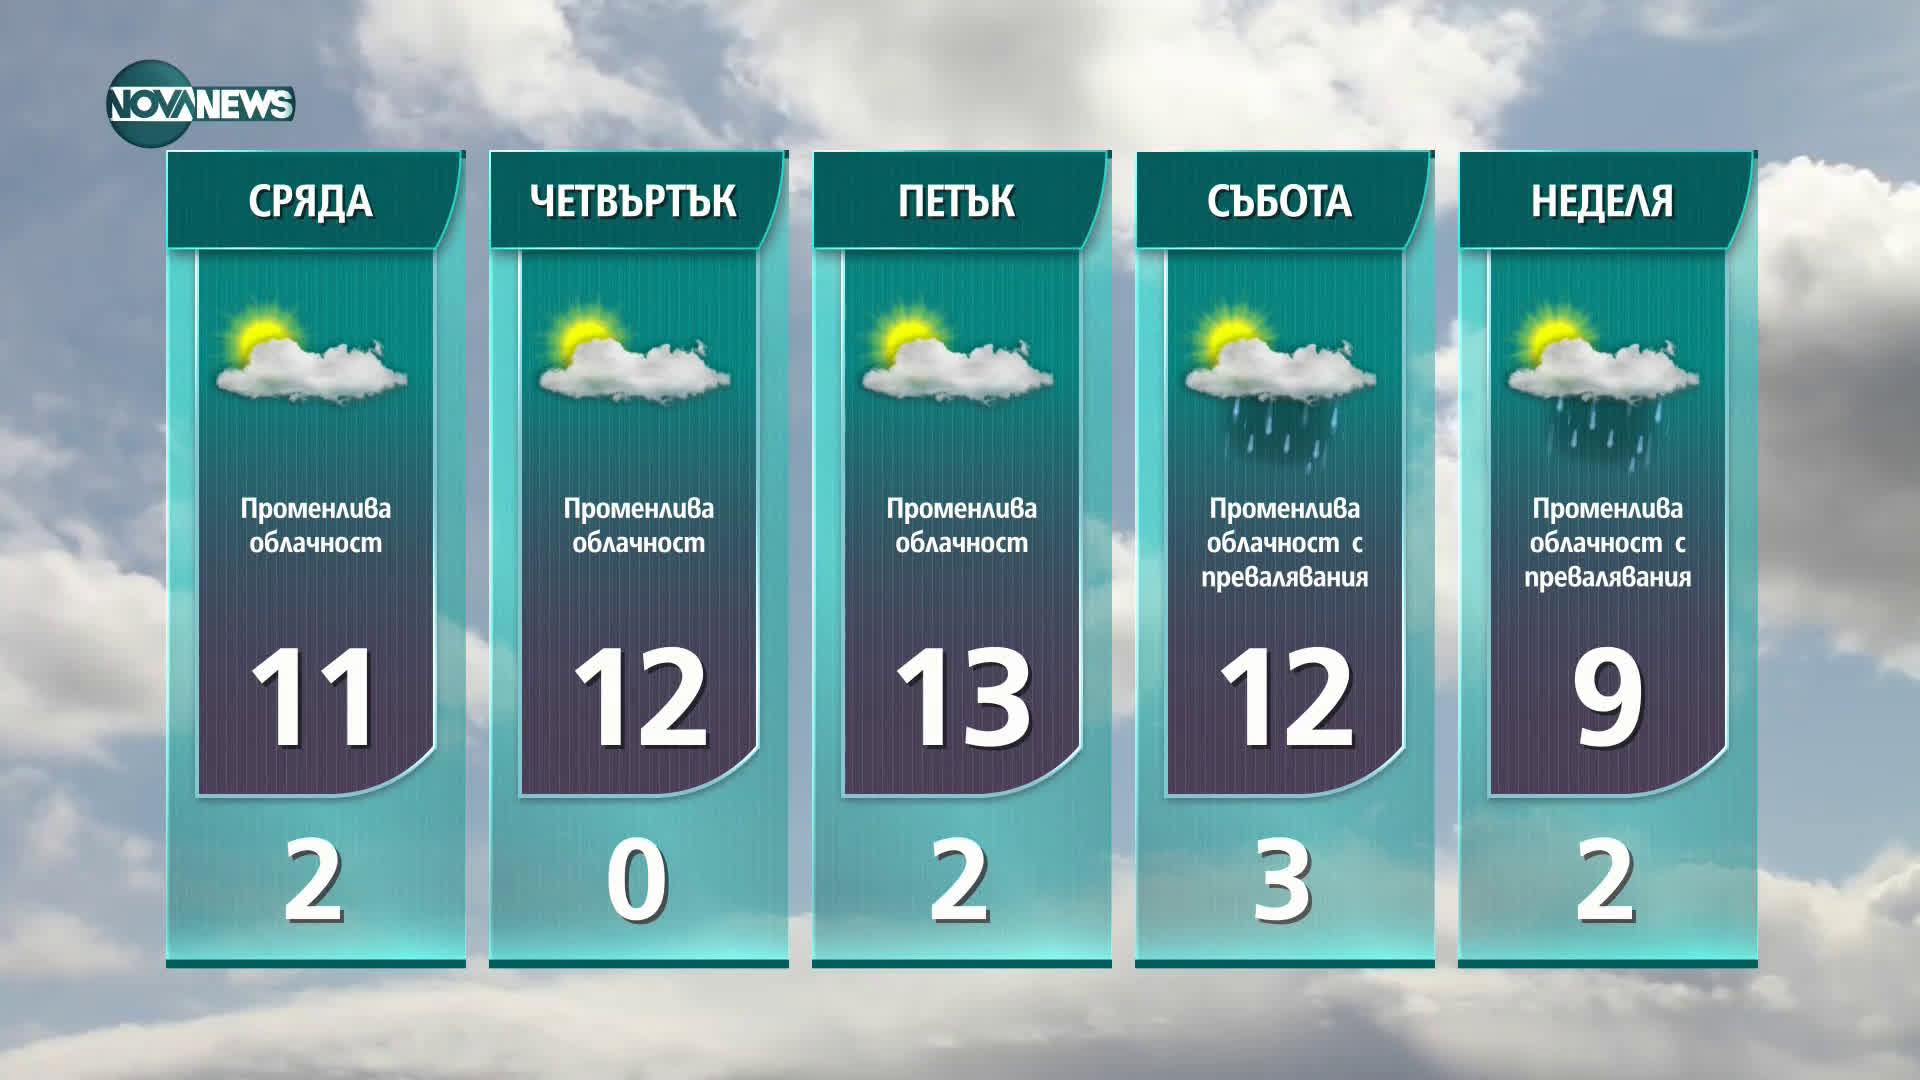 Прогноза за времето на NOVA NEWS (23.02.2021 - 10:00)